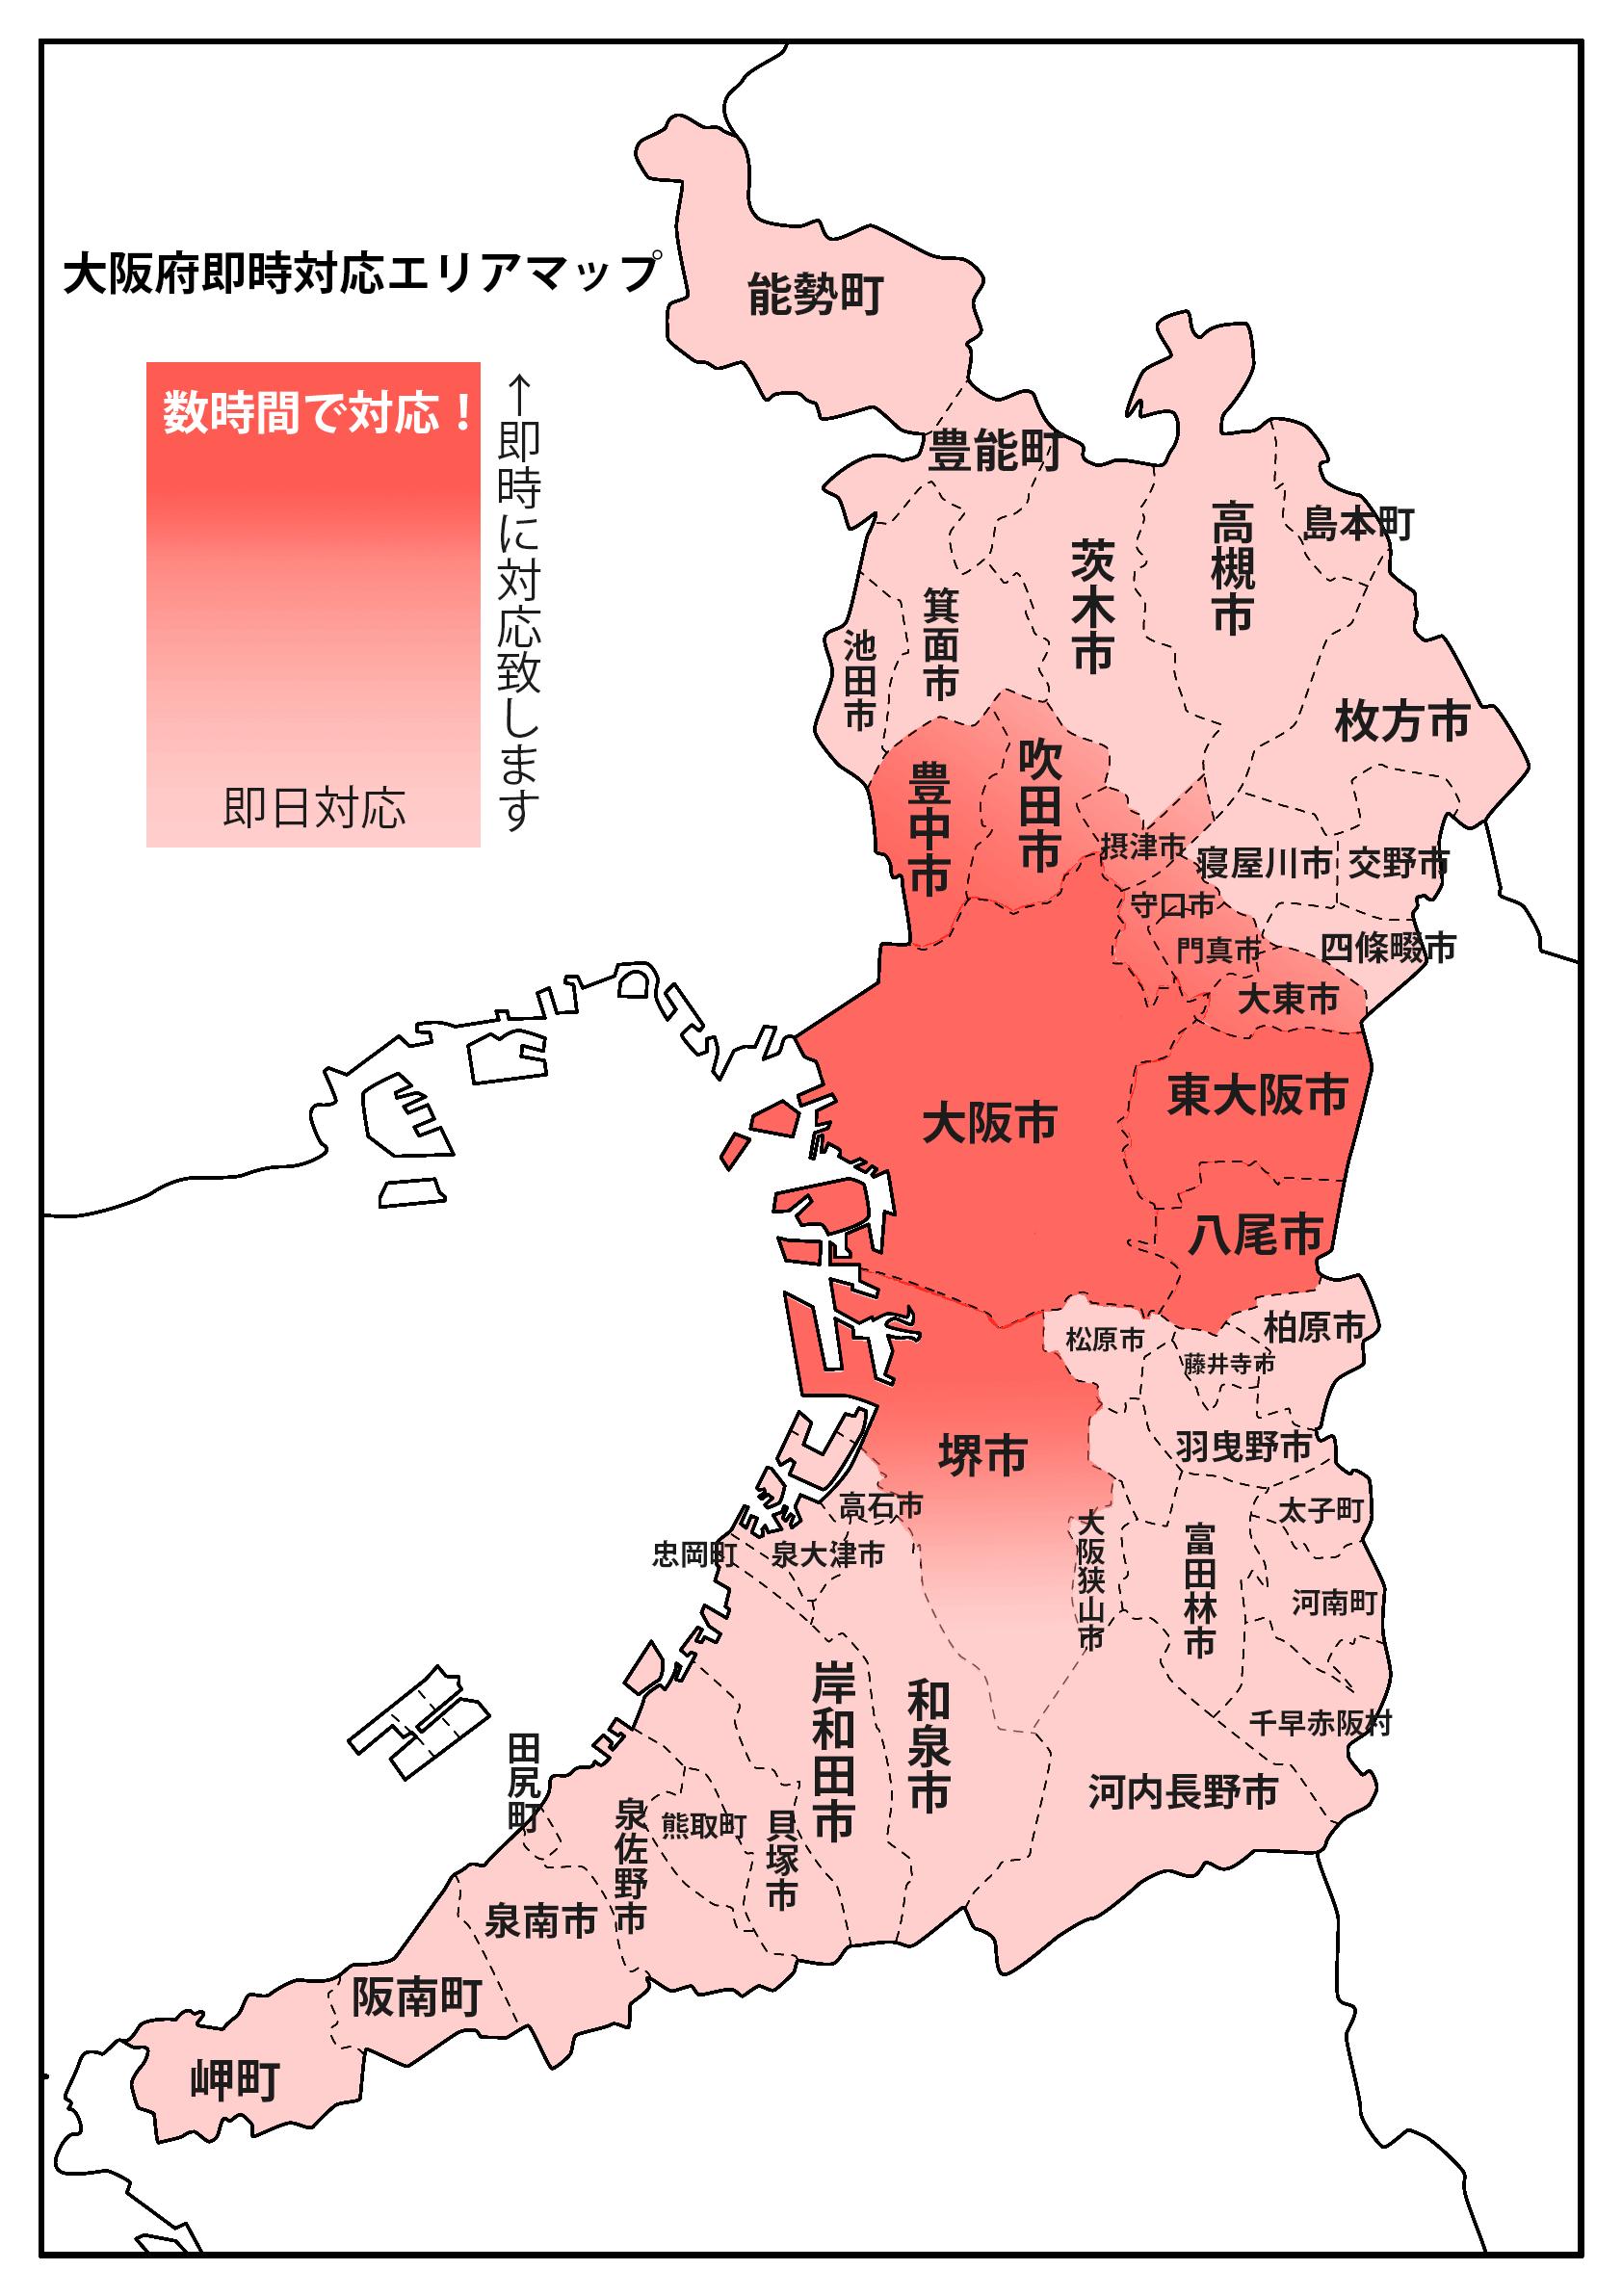 大阪府即時対応エリアマップ